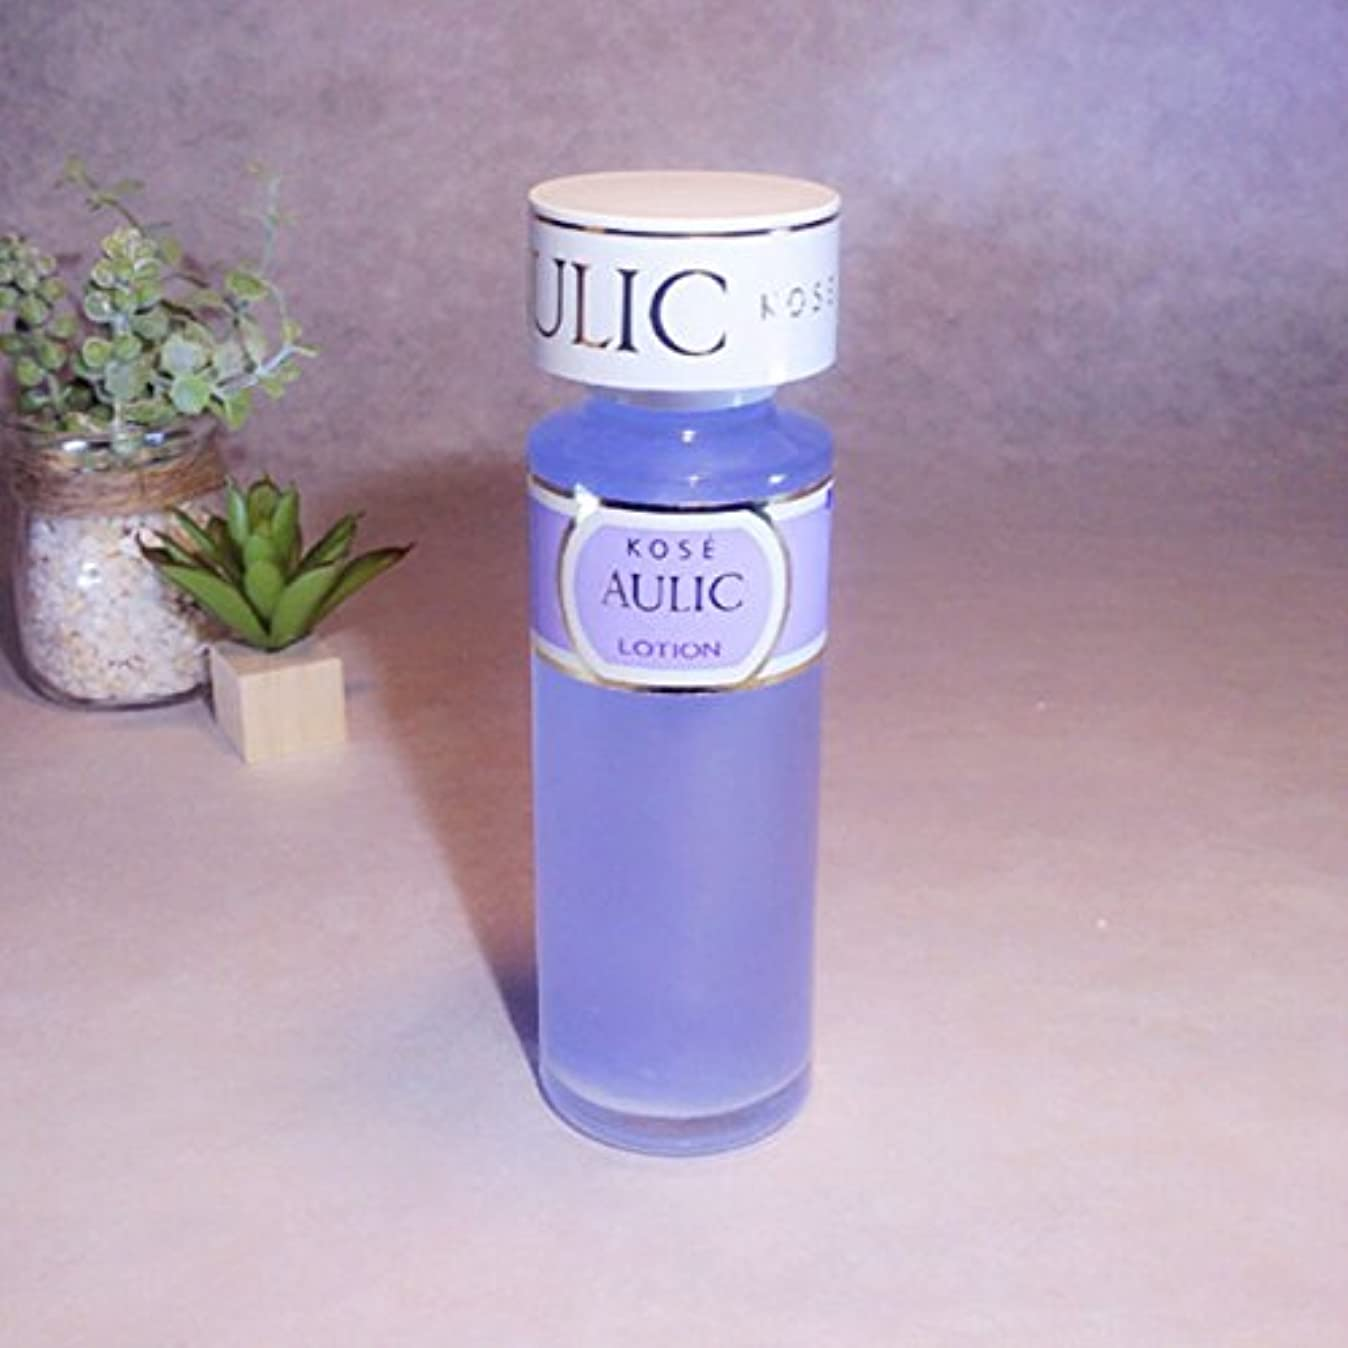 コーセー オーリック 化粧水(アレ性用) 140ml